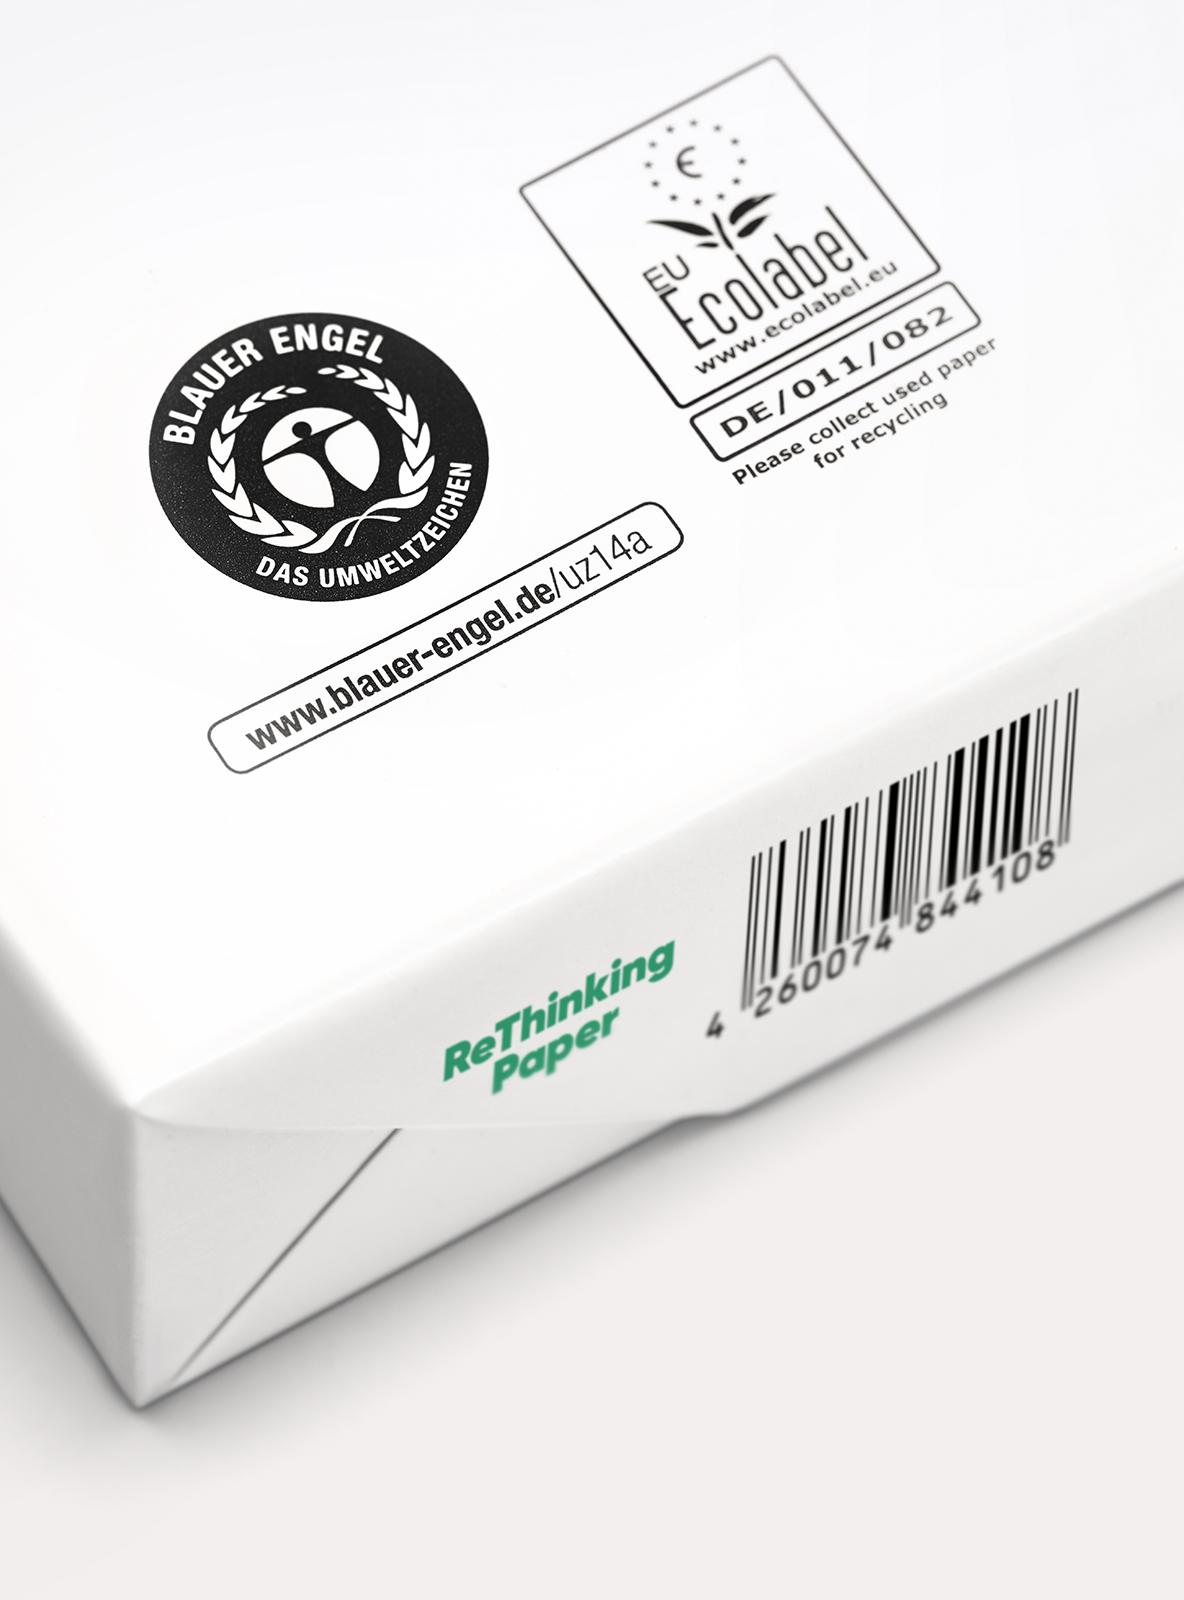 Kopierpapier_Auszeichnungen-x2